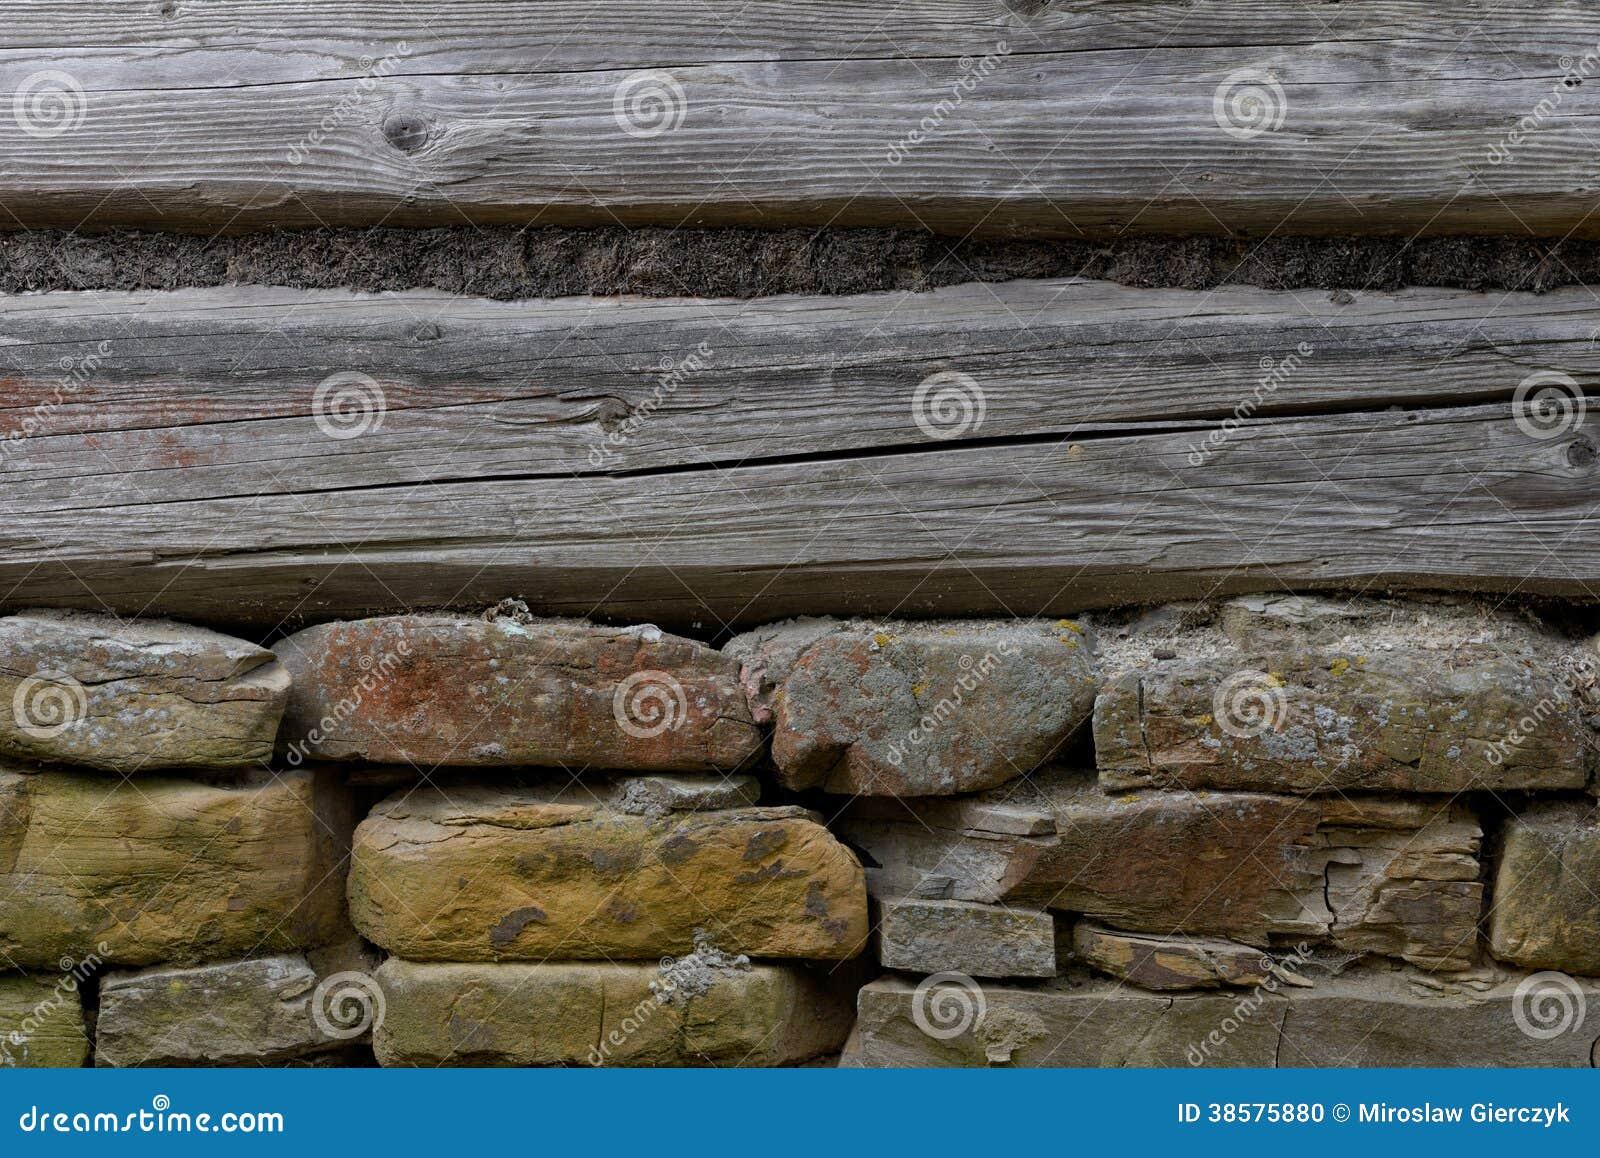 mur en bois avec une base en pierre photo stock image 38575880. Black Bedroom Furniture Sets. Home Design Ideas